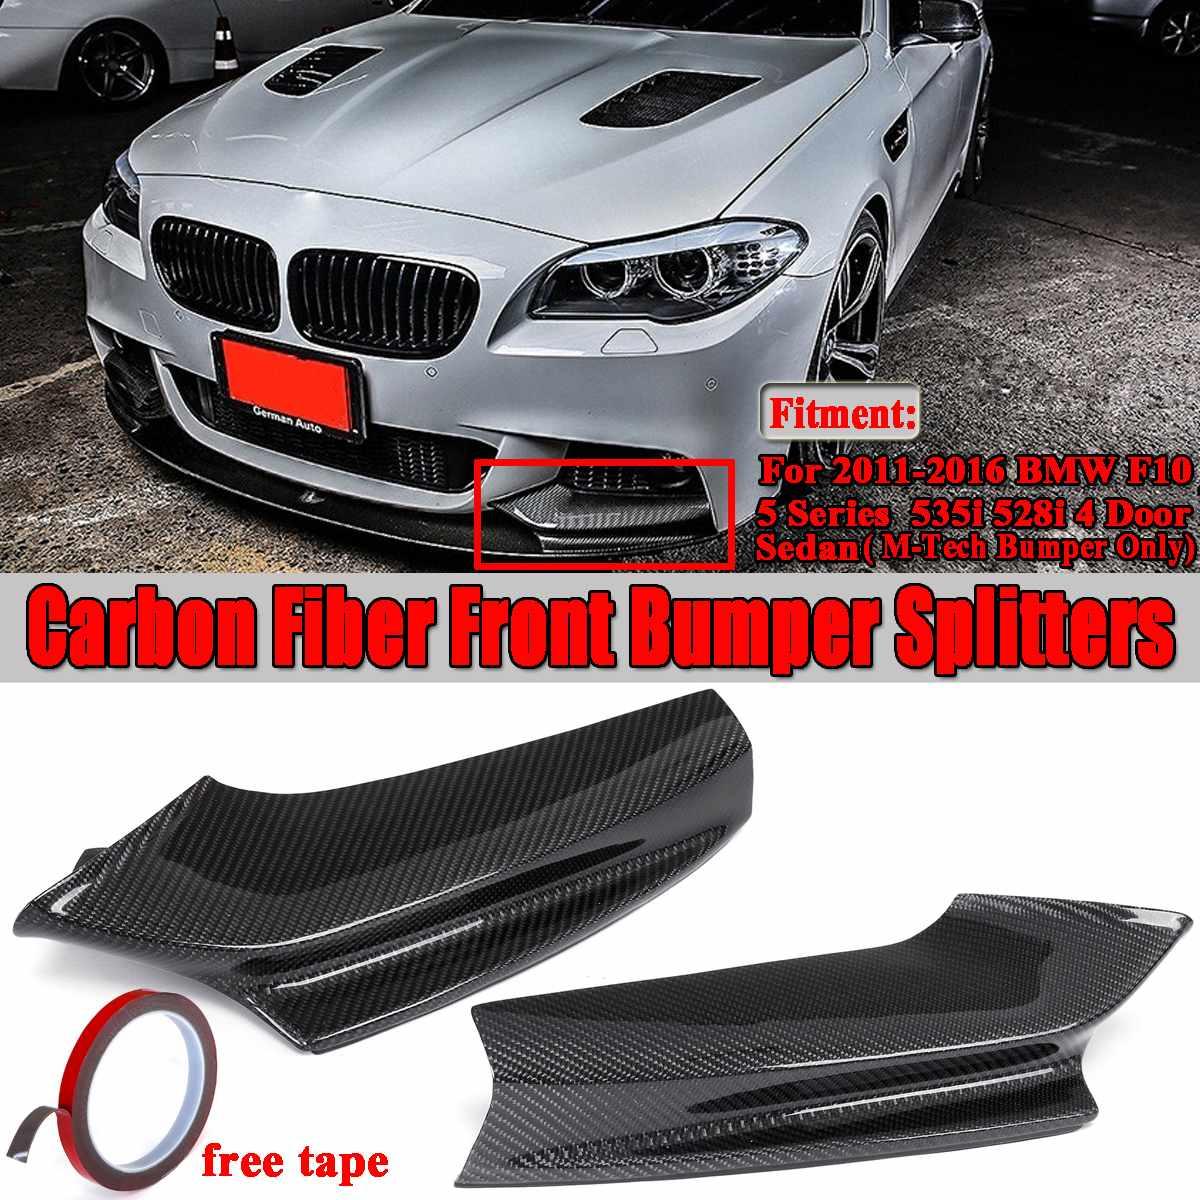 Real Carbon Fiber Car Front Bumper Lip Splitters Diffuser Spoiler Guard For BMW F10 5 Series 535i 528i M Sport Sedan 2011 2016